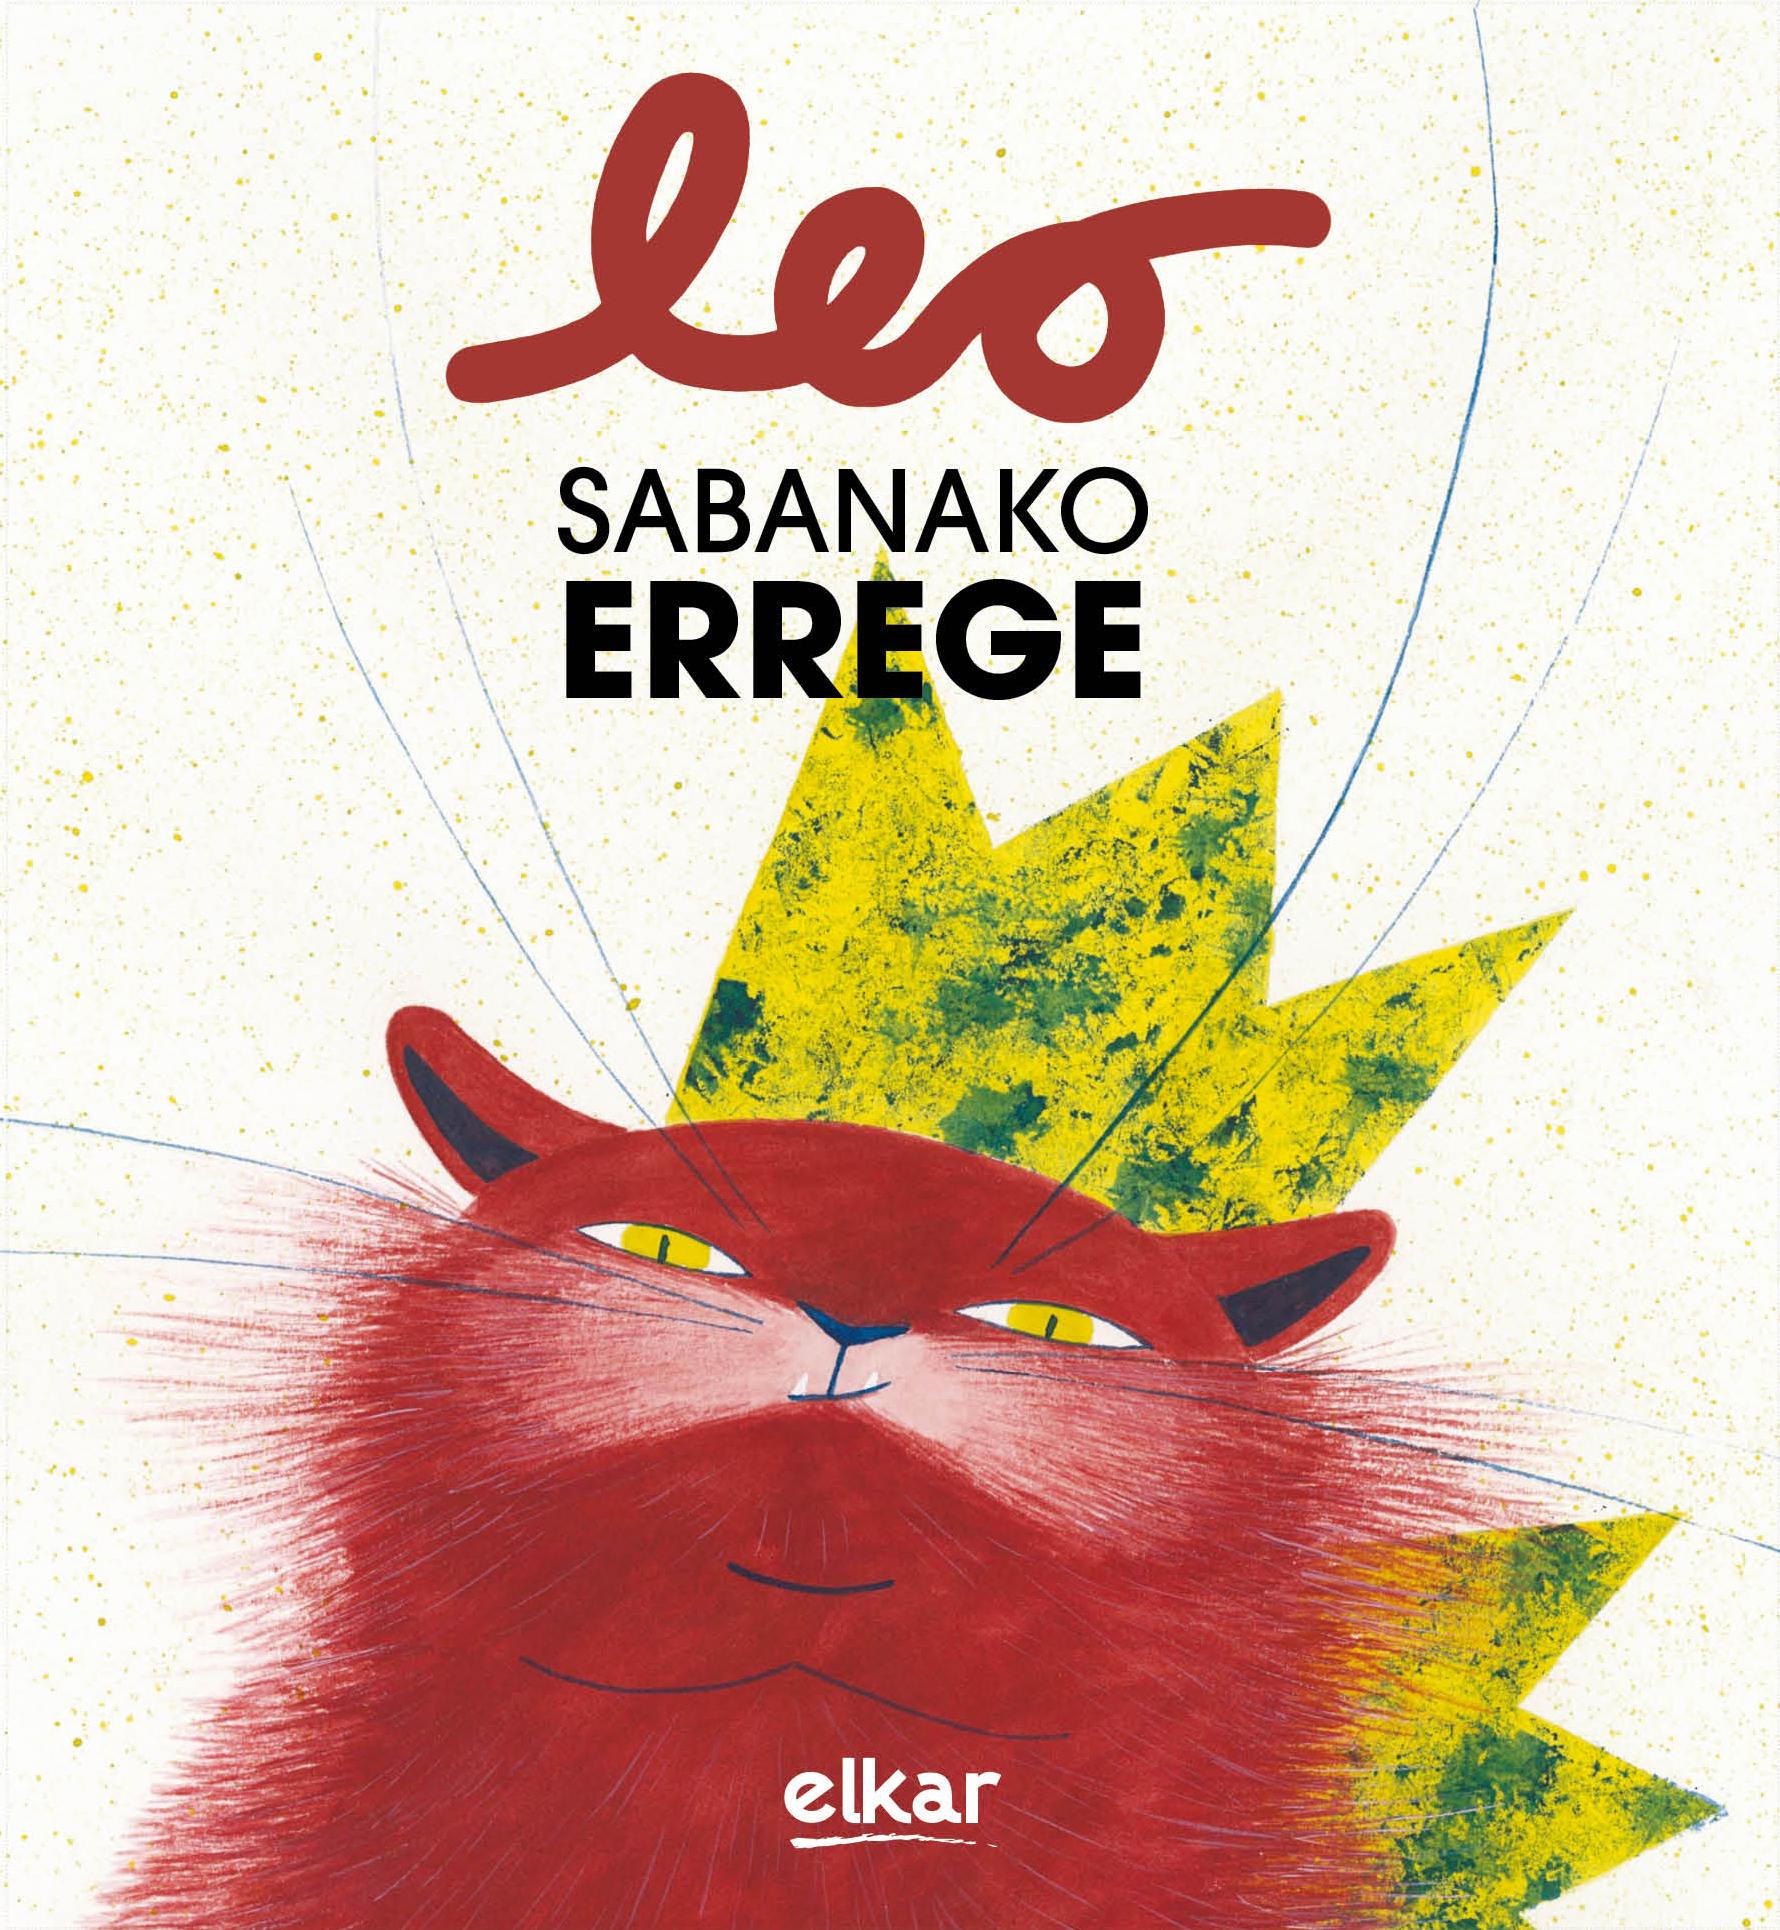 Leo Sabanako errege. MIkel Gurrutxaga/Maite Gurrutxaga. Prentsaurrekoa